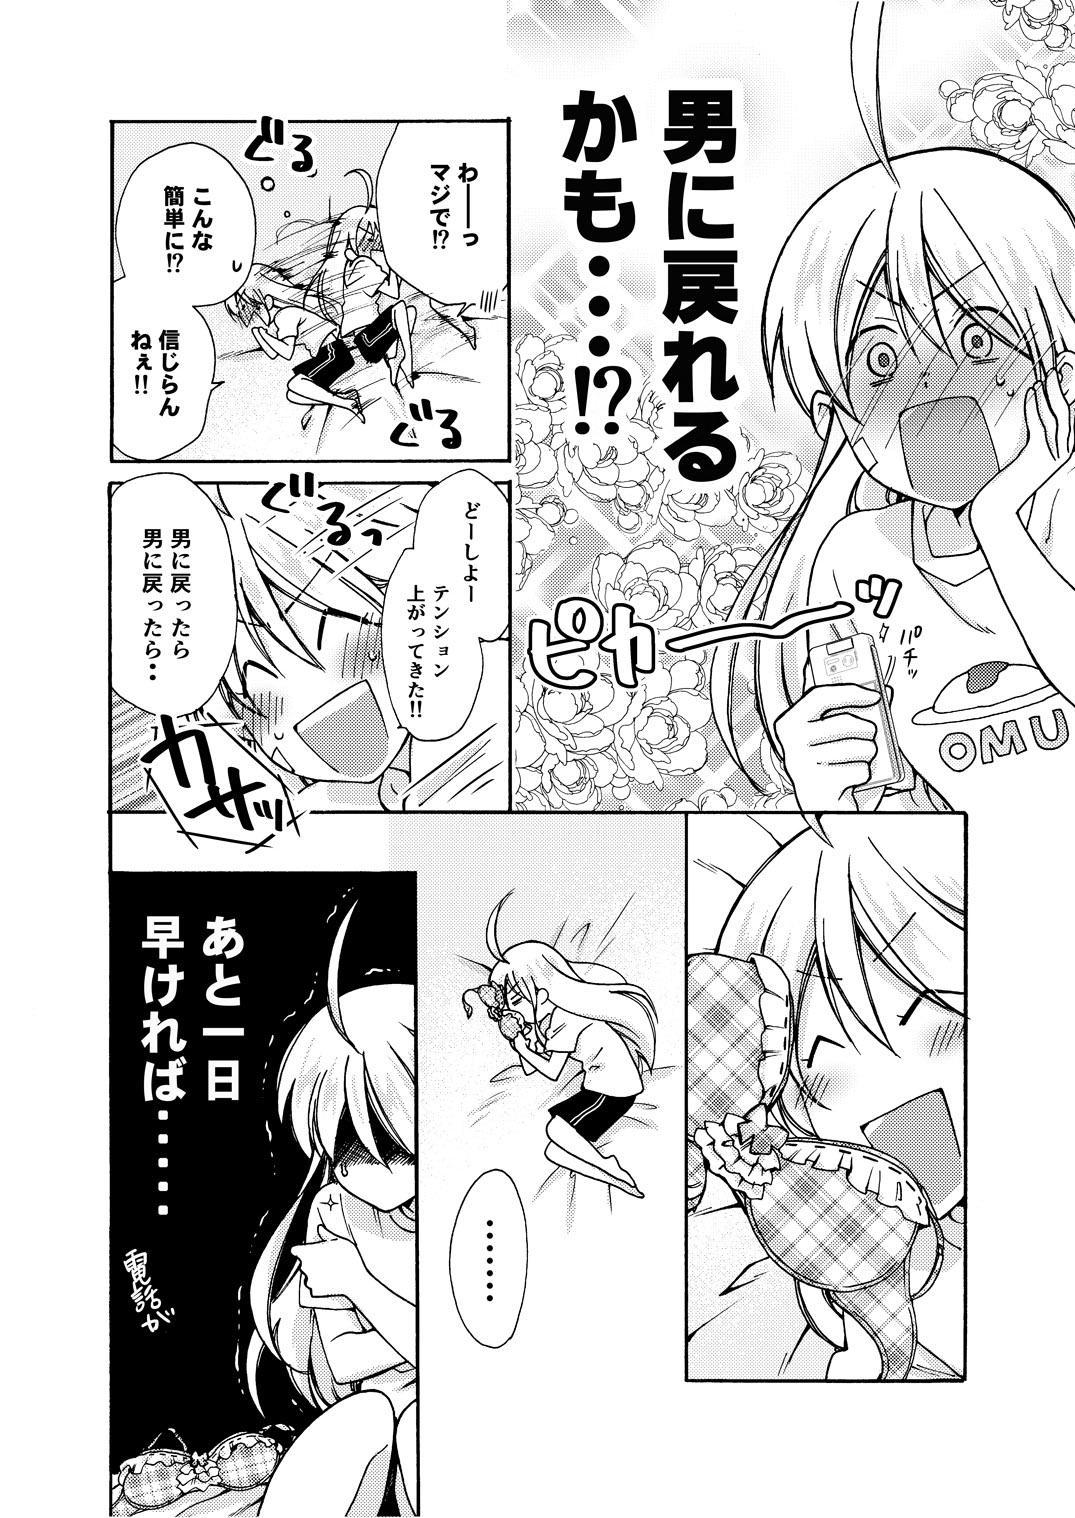 Nyotaika Yankee Gakuen ☆ Ore no Hajimete, Nerawaretemasu. 9 2